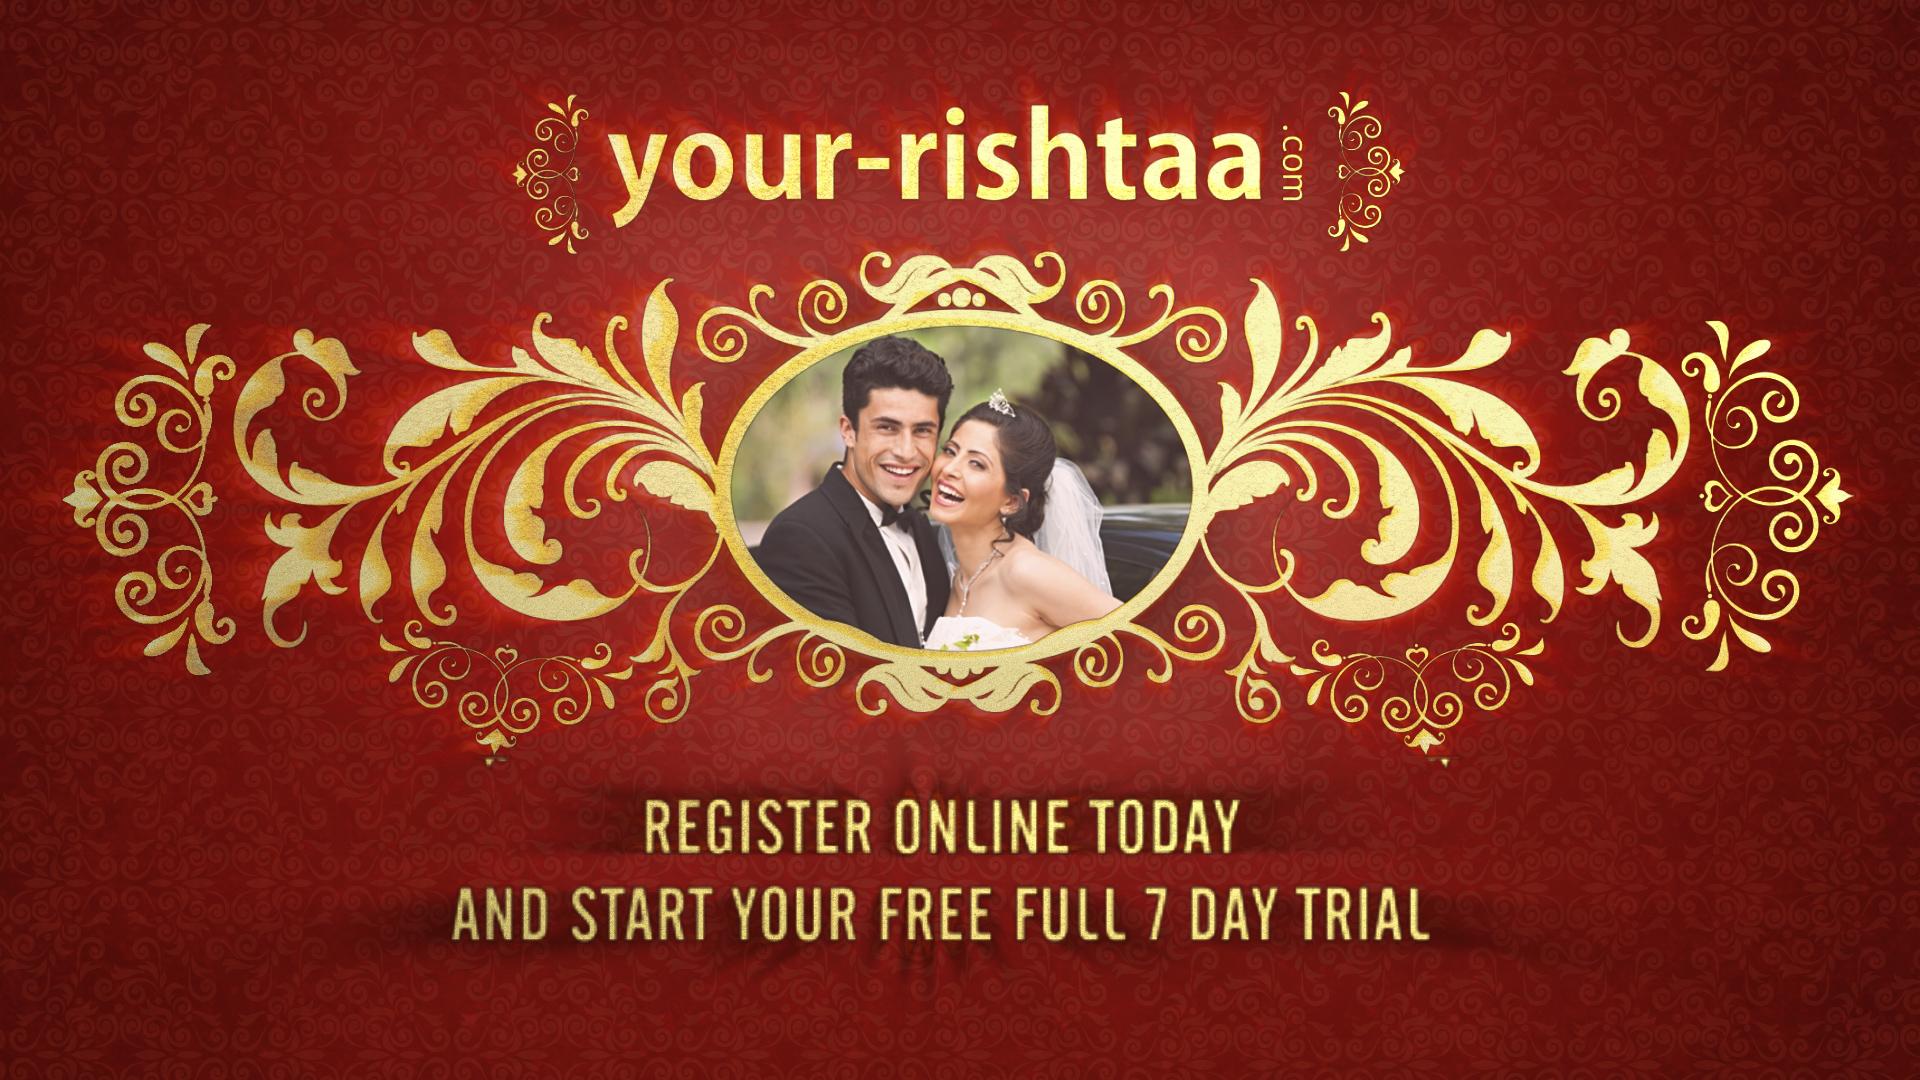 Your Rishtaa matrimonial site TV advert